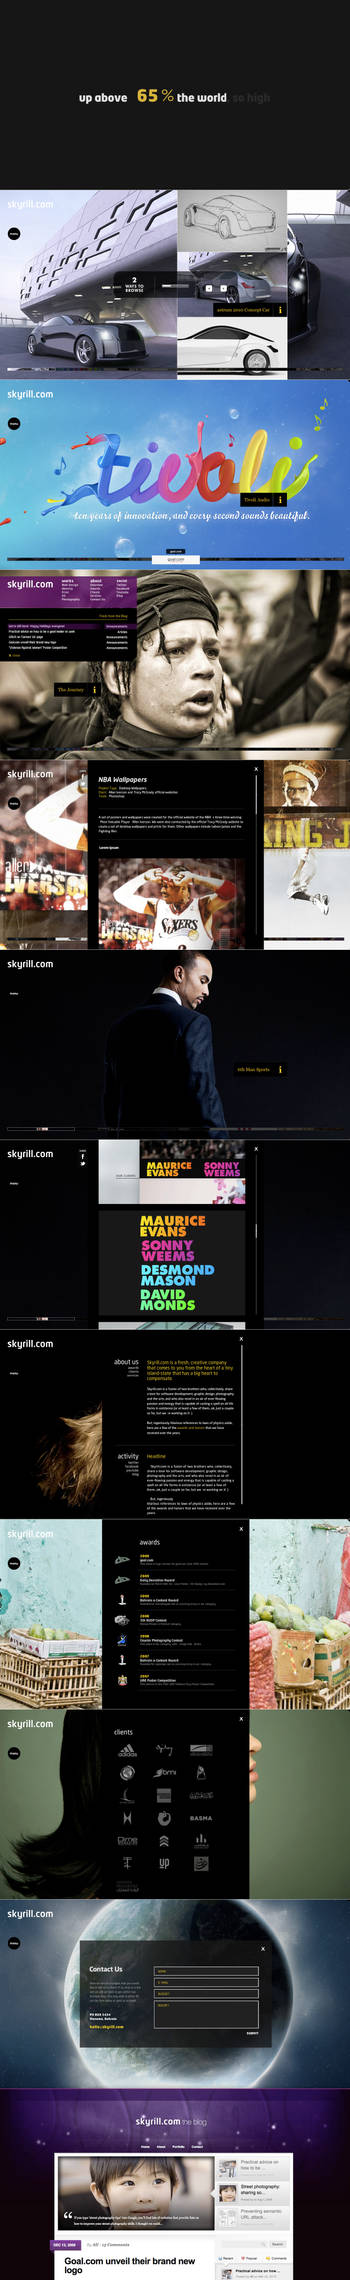 Skyrill.com V3